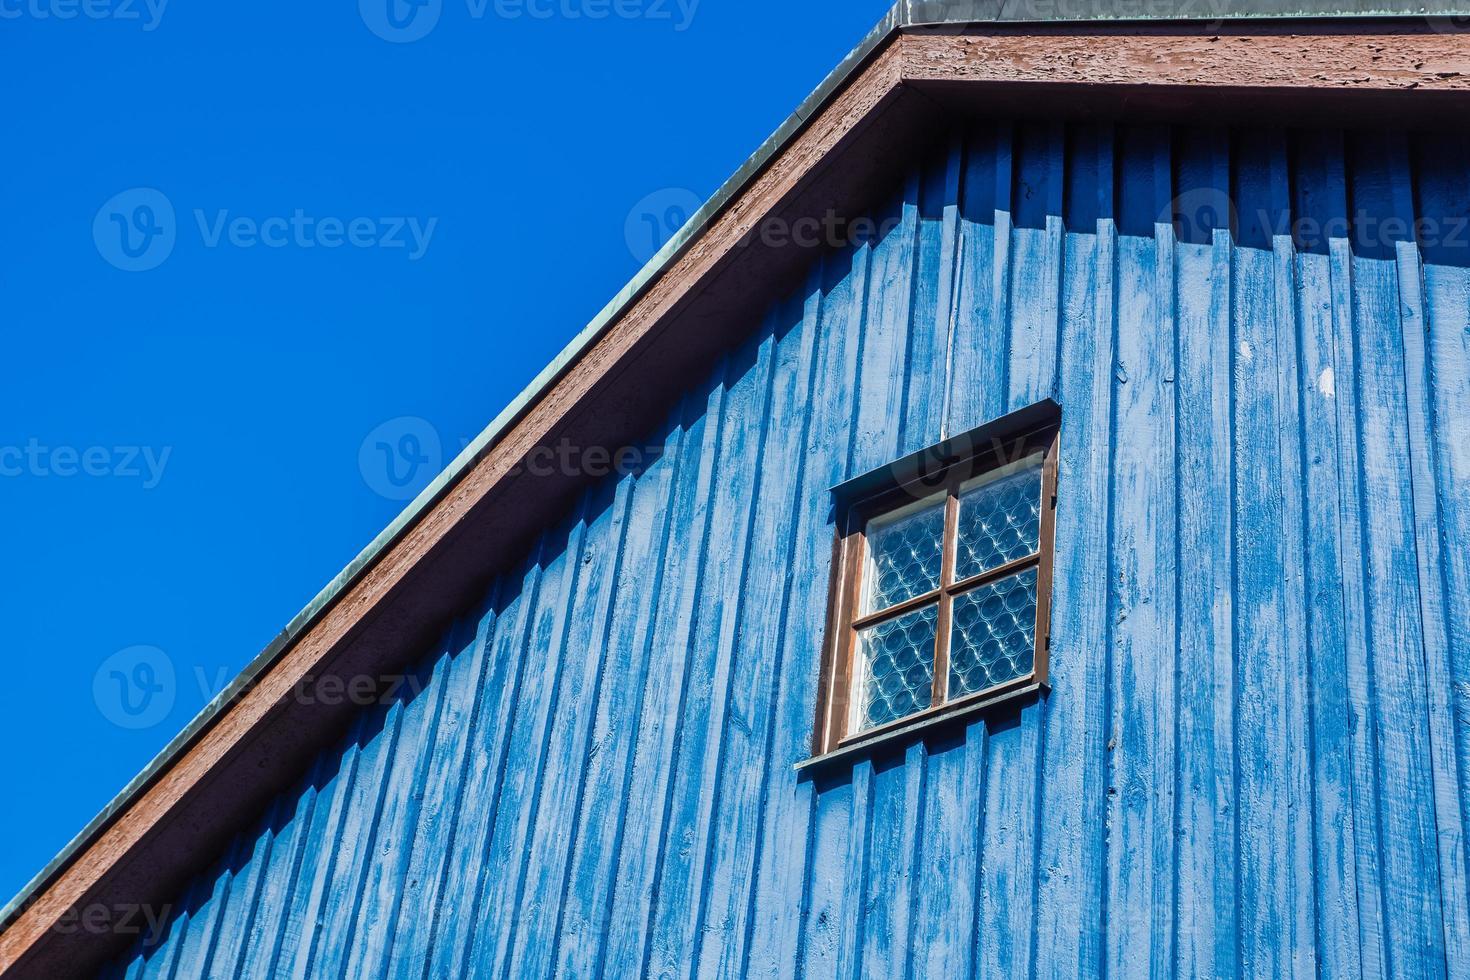 façade de la maison en bois photo